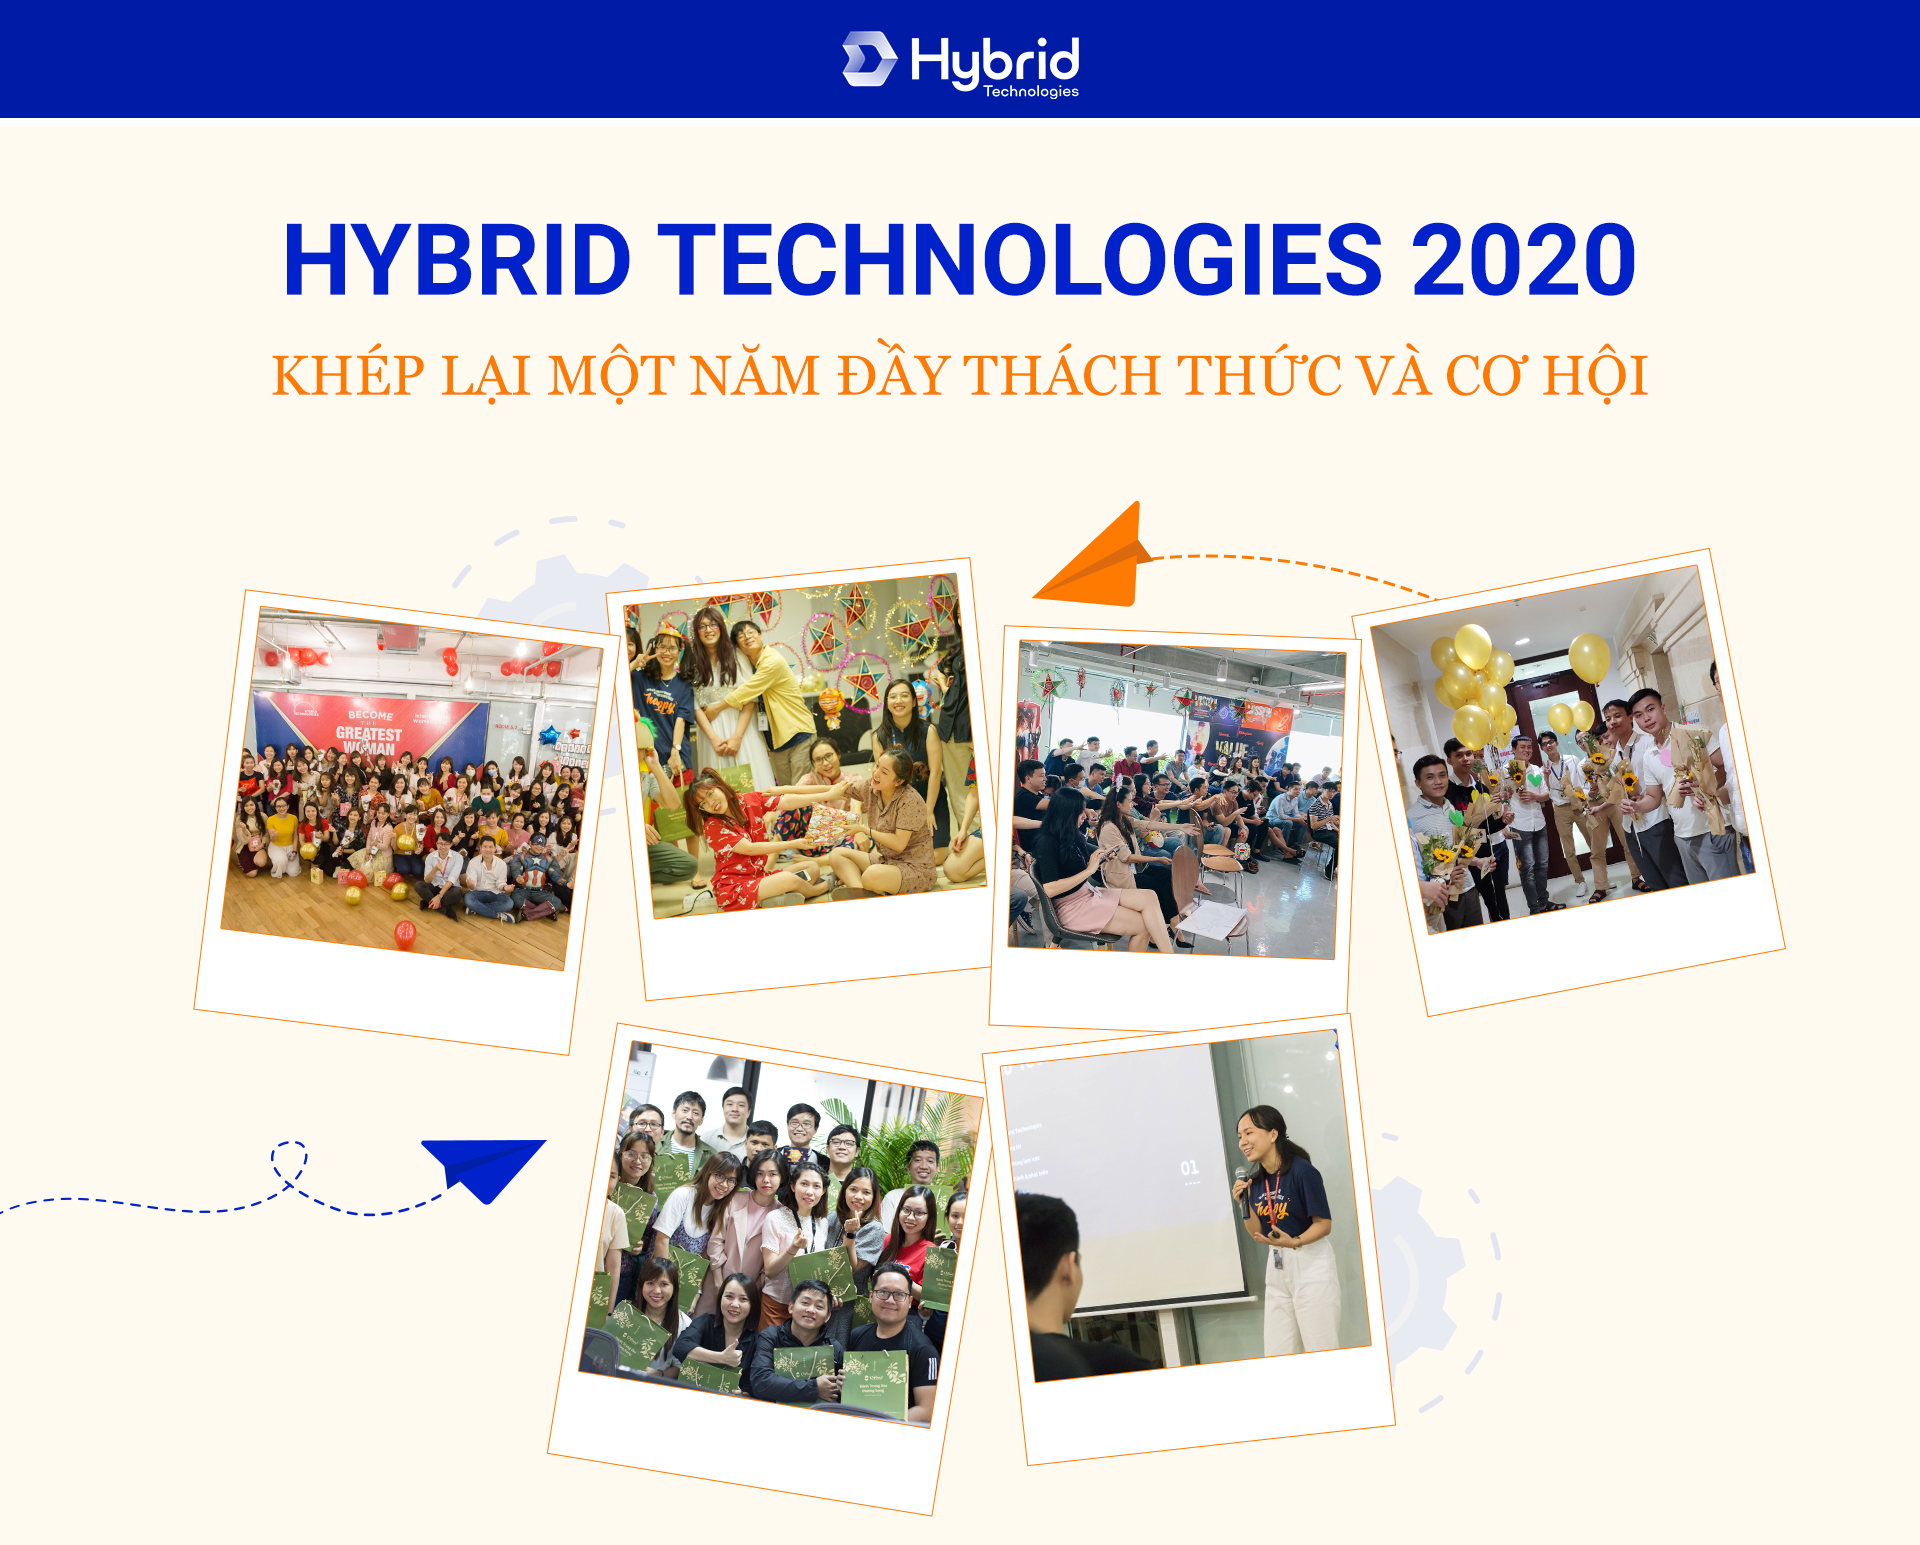 Hybrid Technologies 2020 – Khép lại một năm đầy thách thức và cơ hội